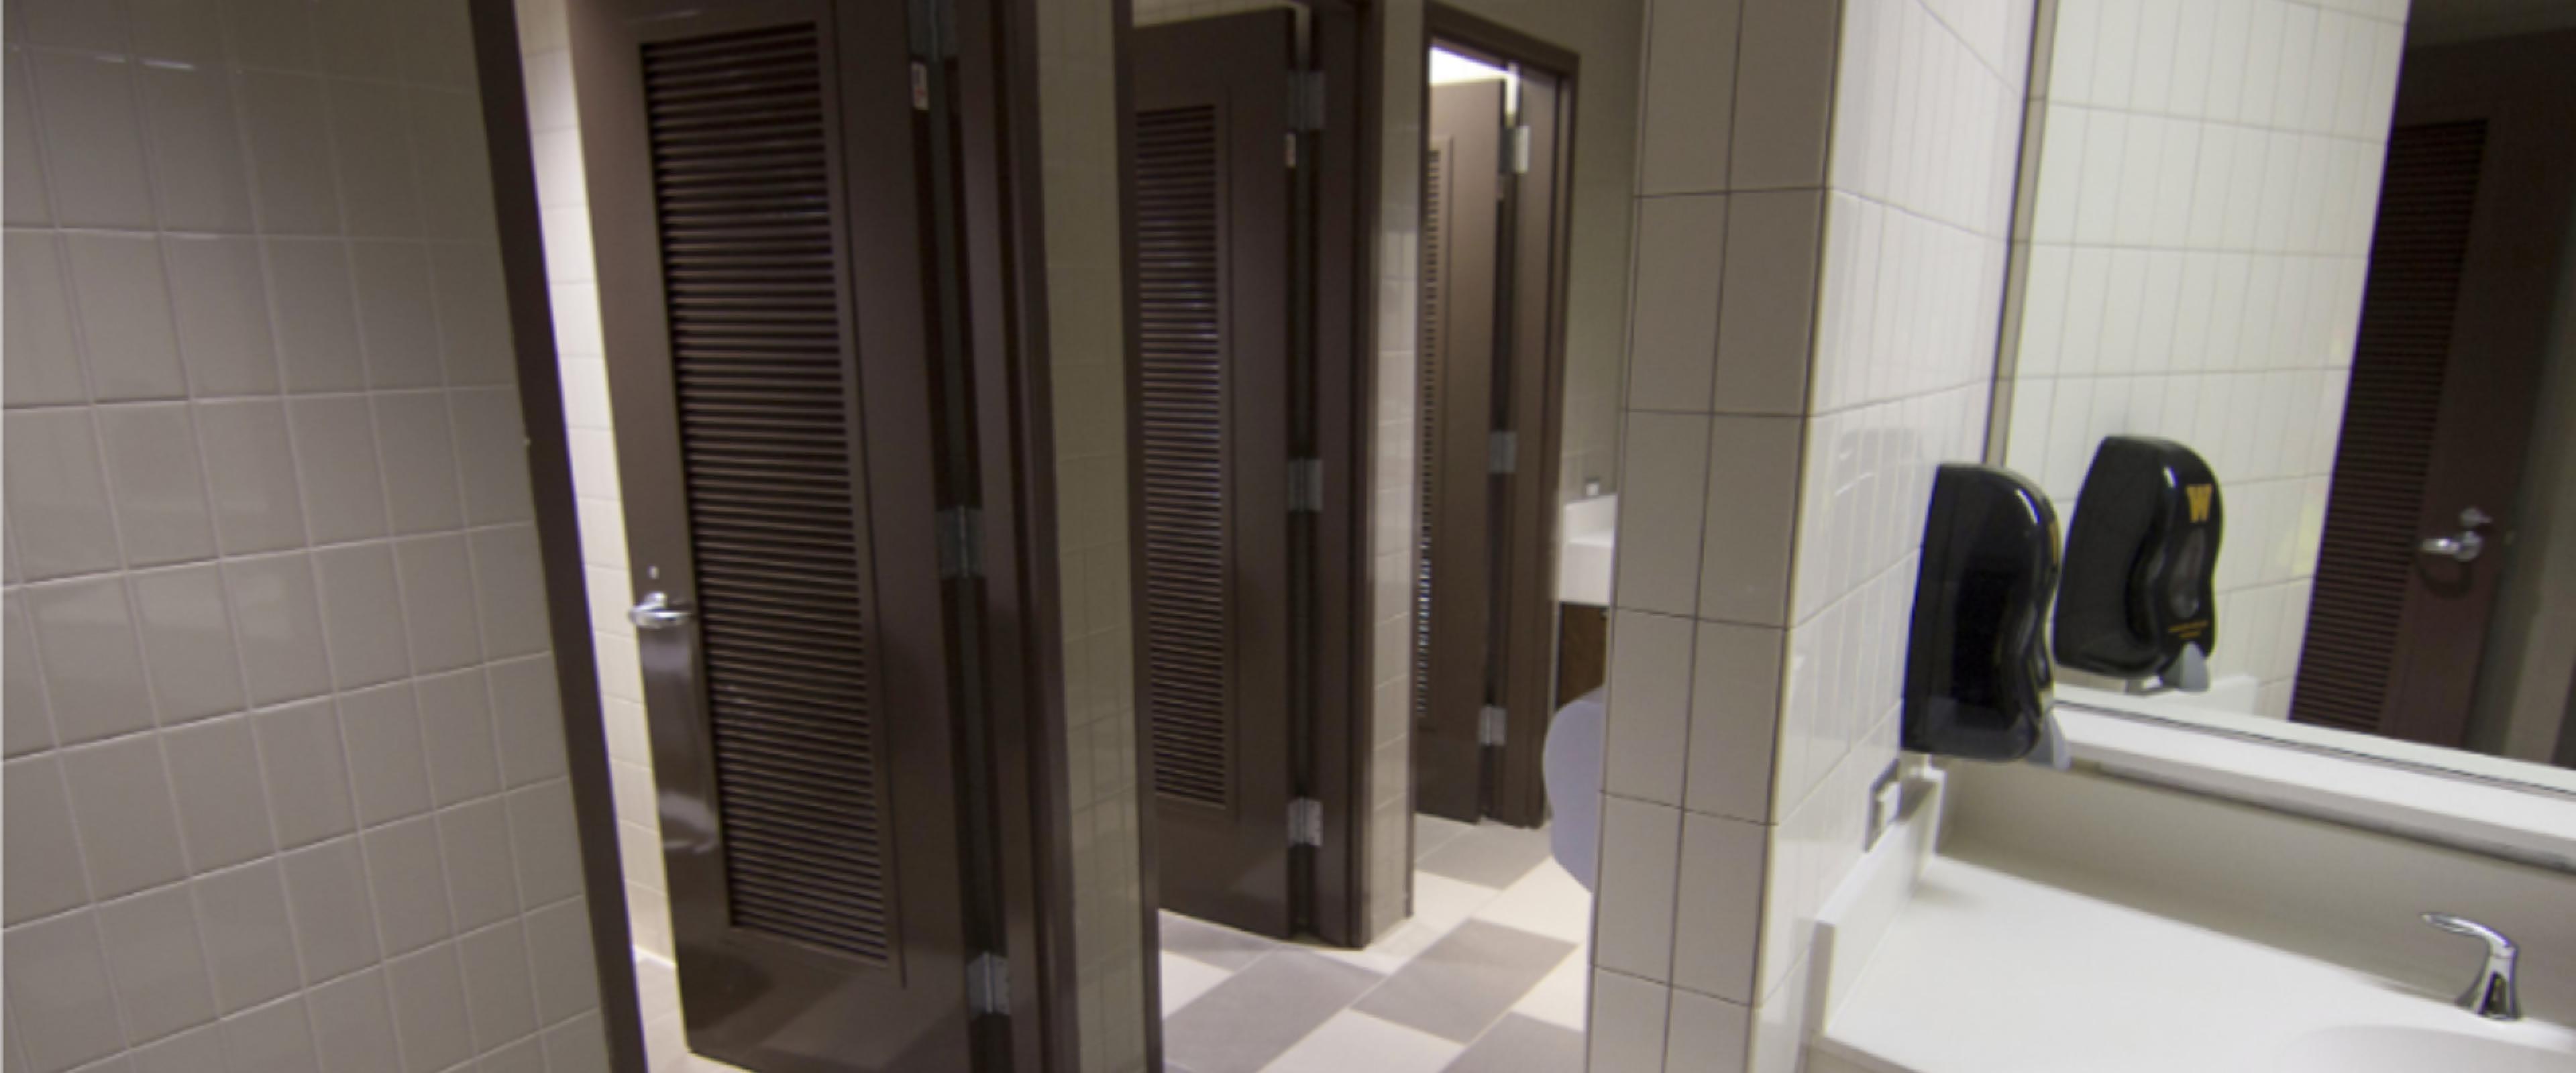 Western Heights Bathroom